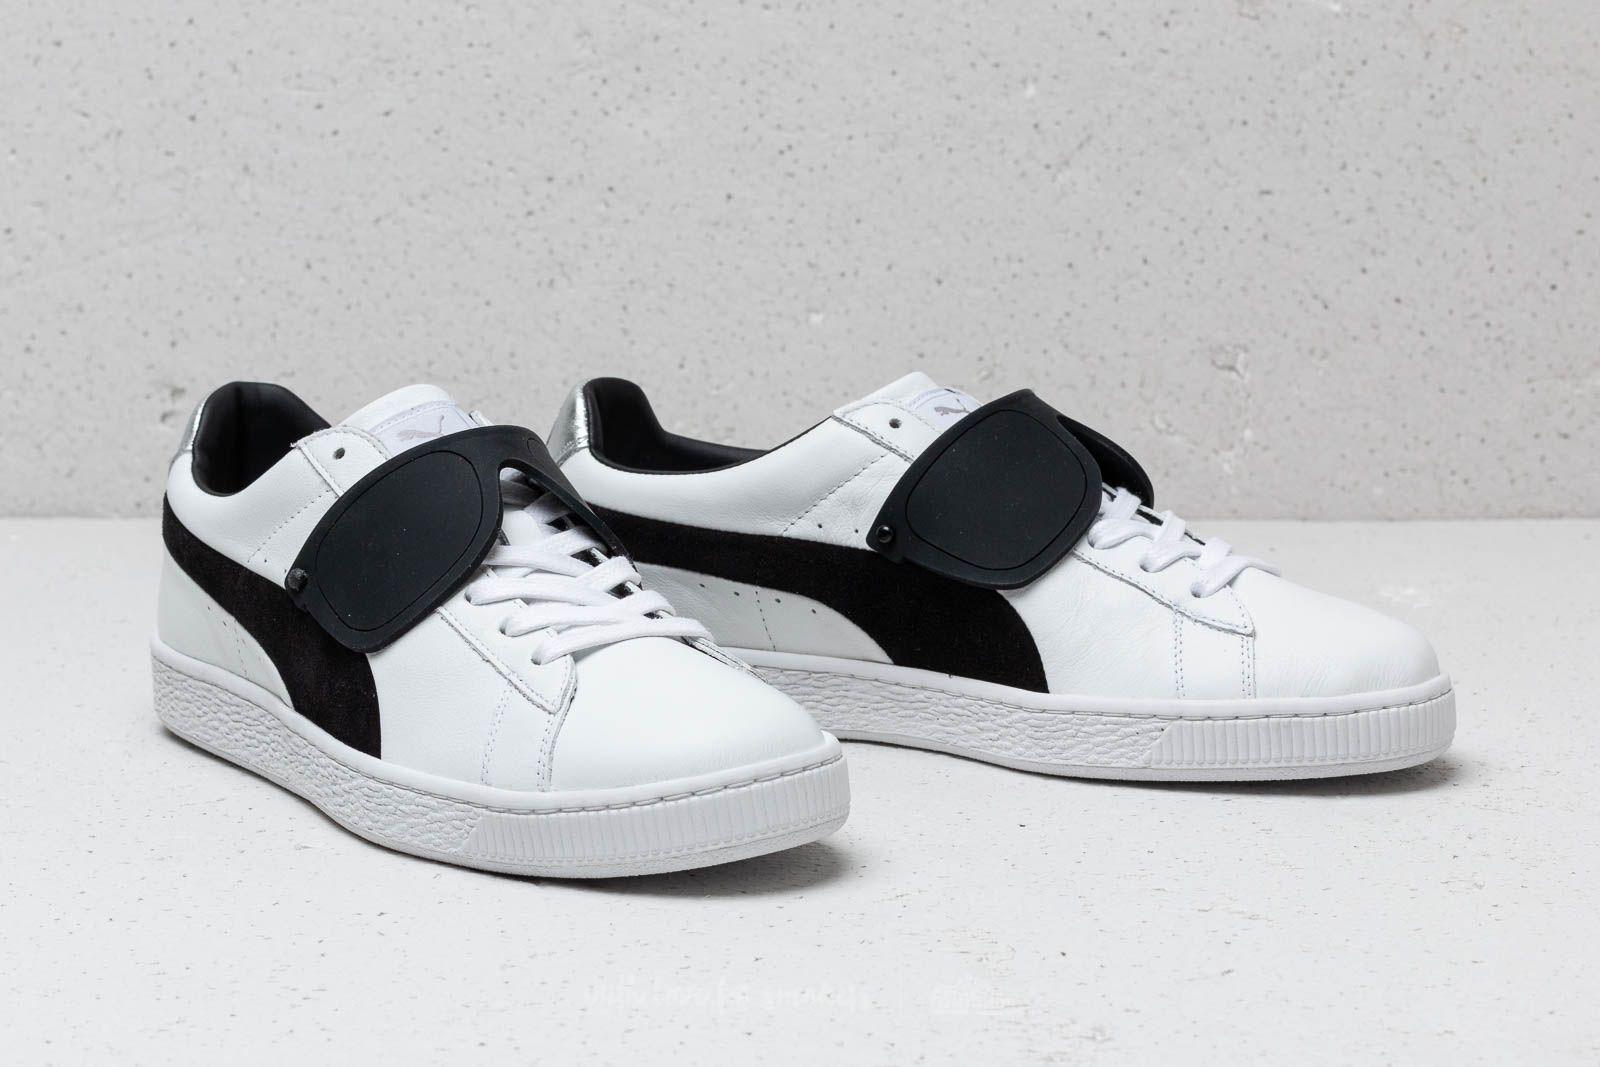 051fa32d7d2 Puma Suede Classic x Karl Lagerfeld Puma White  Puma Black W super cenie  459 zł